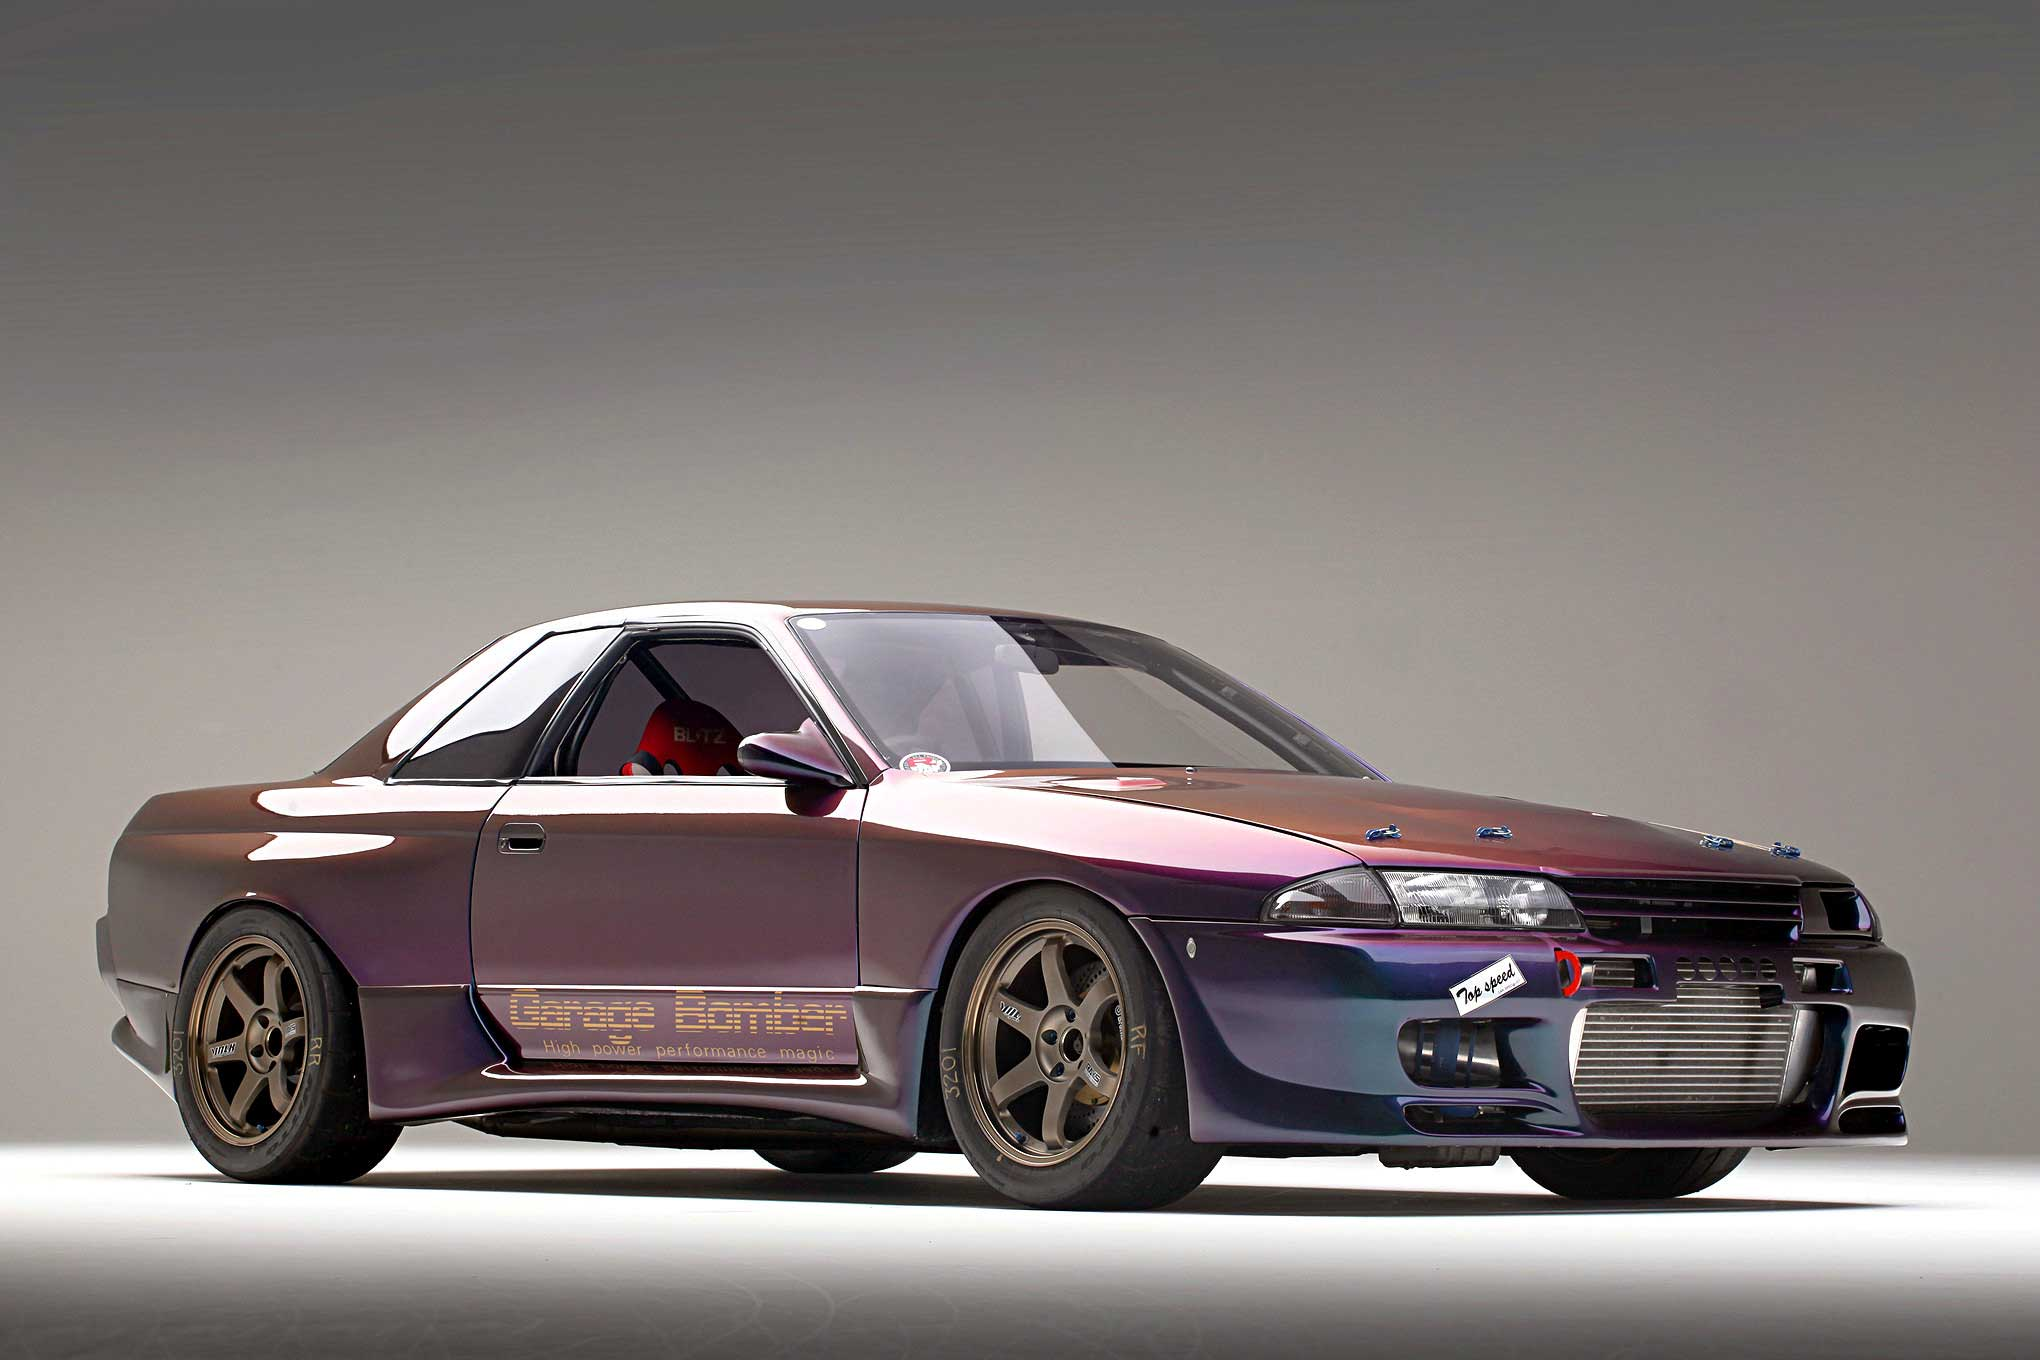 Aki Fuchigami's 1991 Nissan Skyline GTR - R32 Bomber